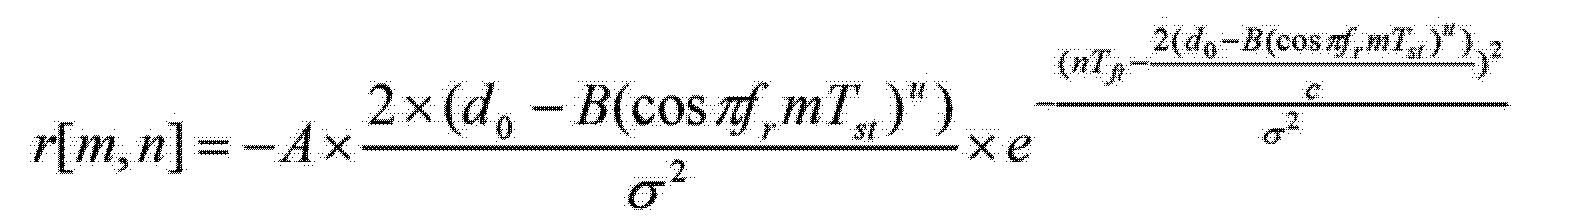 Figure CN103169449BD00153